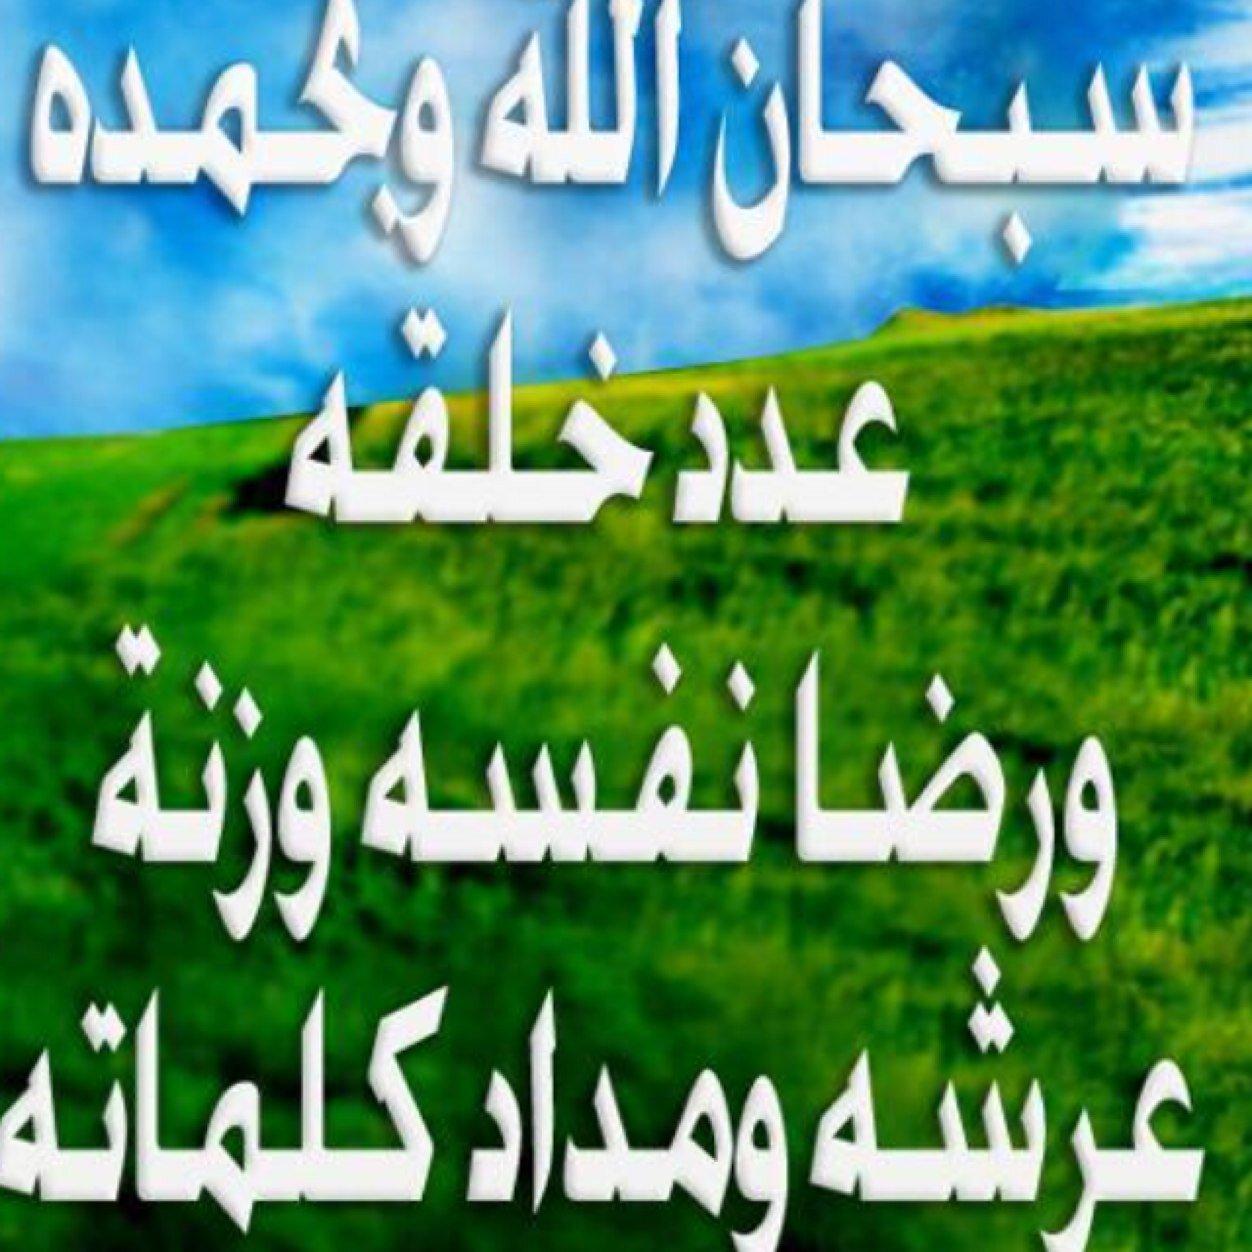 مكيه سالمين